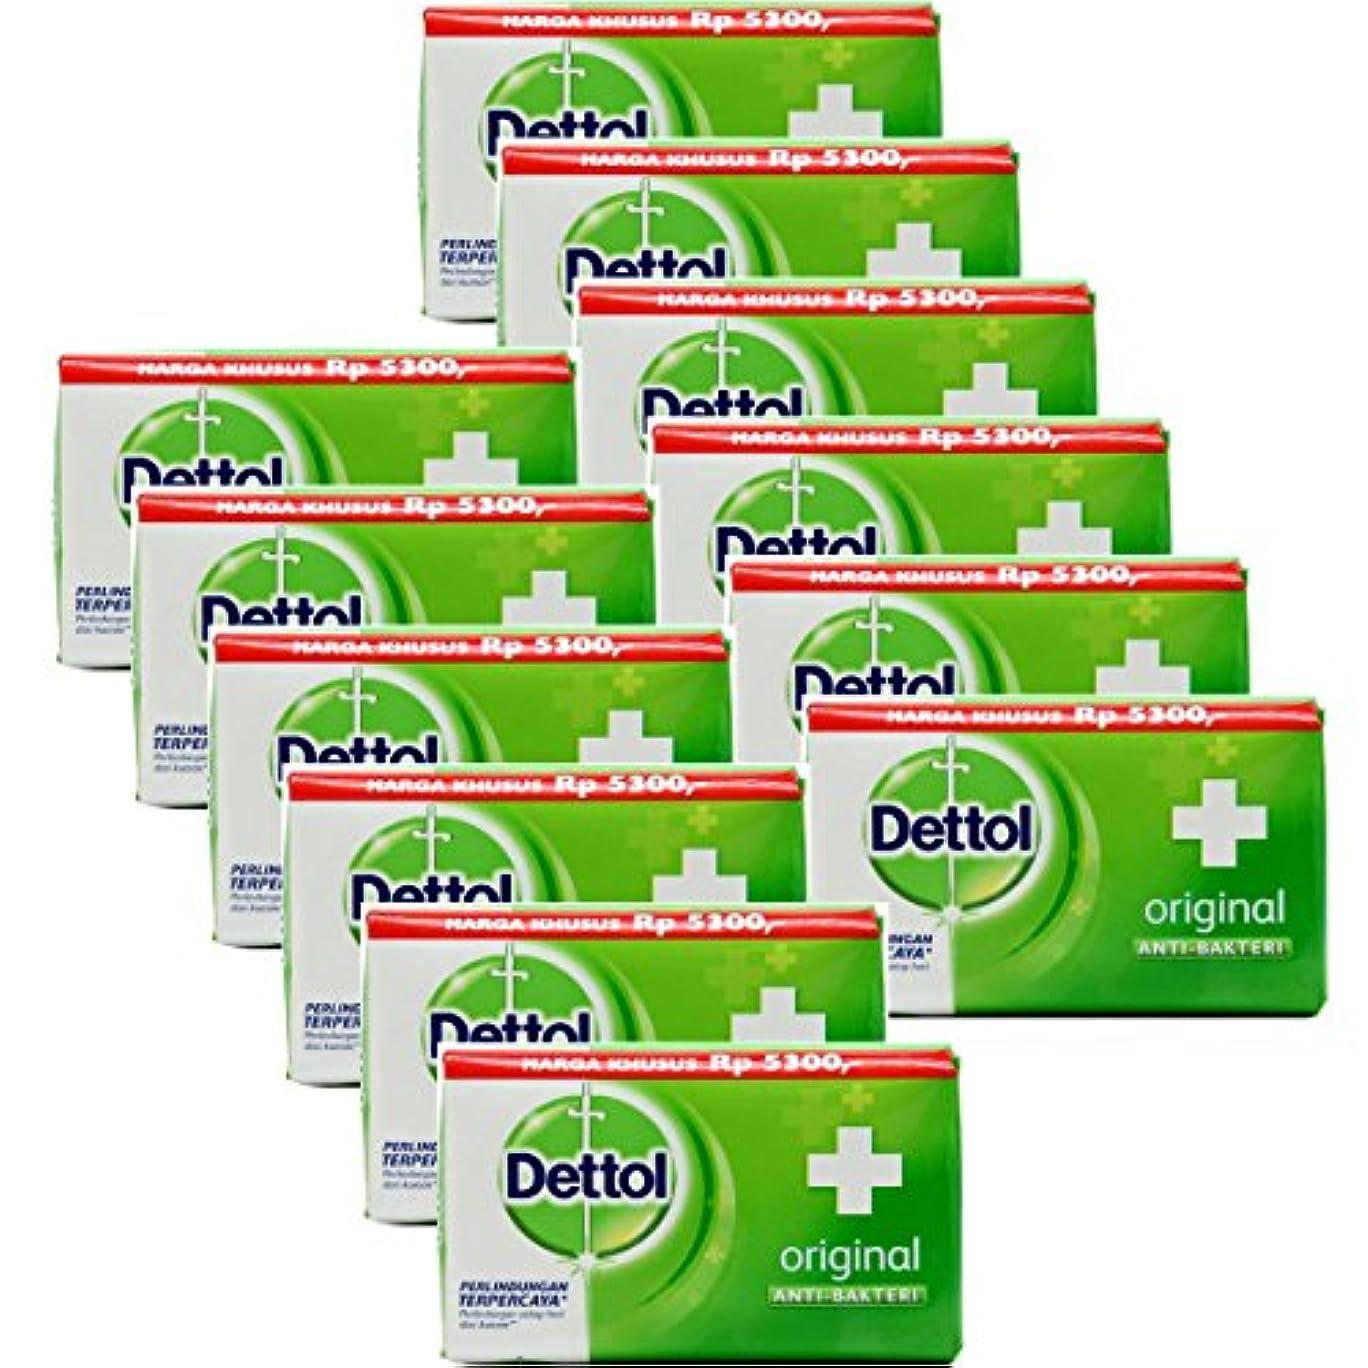 不潔バナー座標Dettol(デトール) Anti-Bacterial Hand and Body Bar Soap, Original, 110 Gr / 3.88 Oz (12個セット)